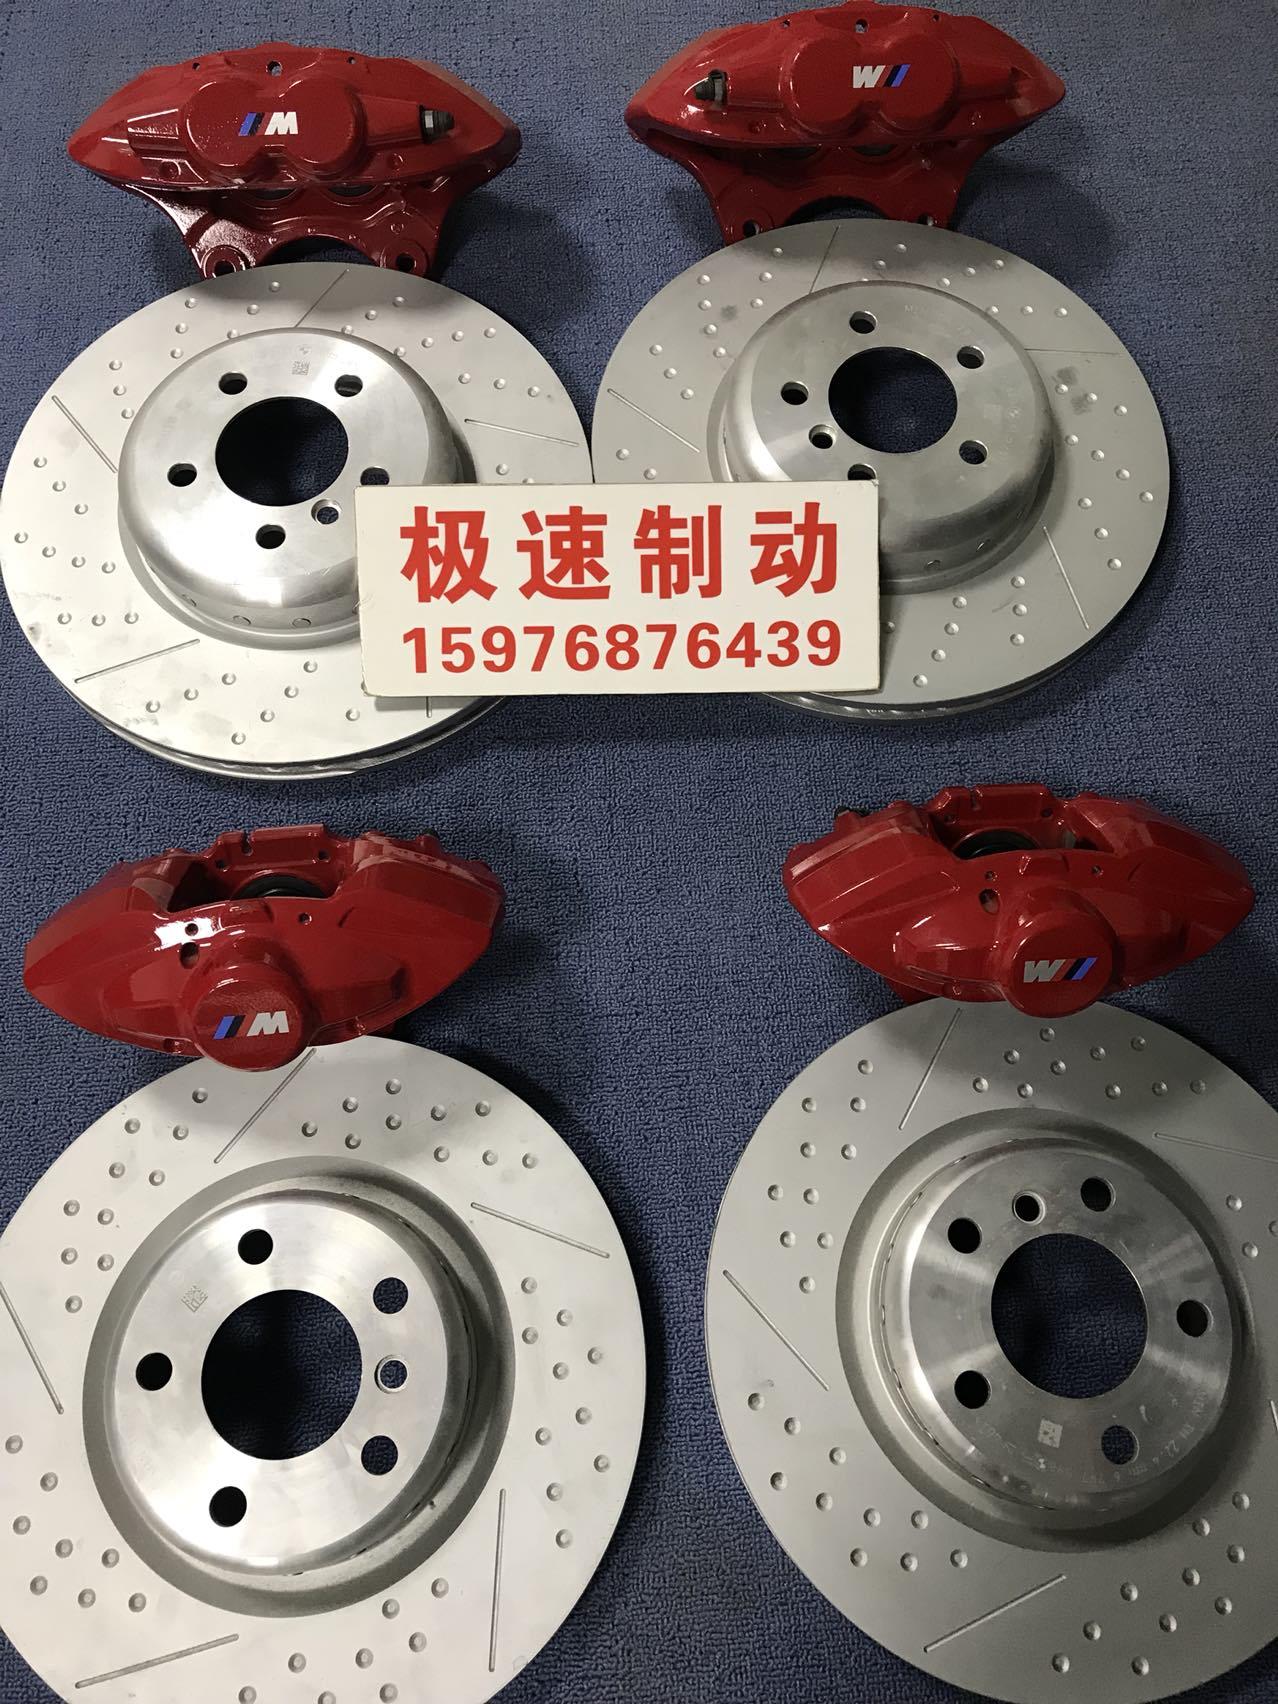 宝马原厂MP前四后二刹车套装,宝马1/2/3/4系直接原装位安装、性价比高、效果最佳